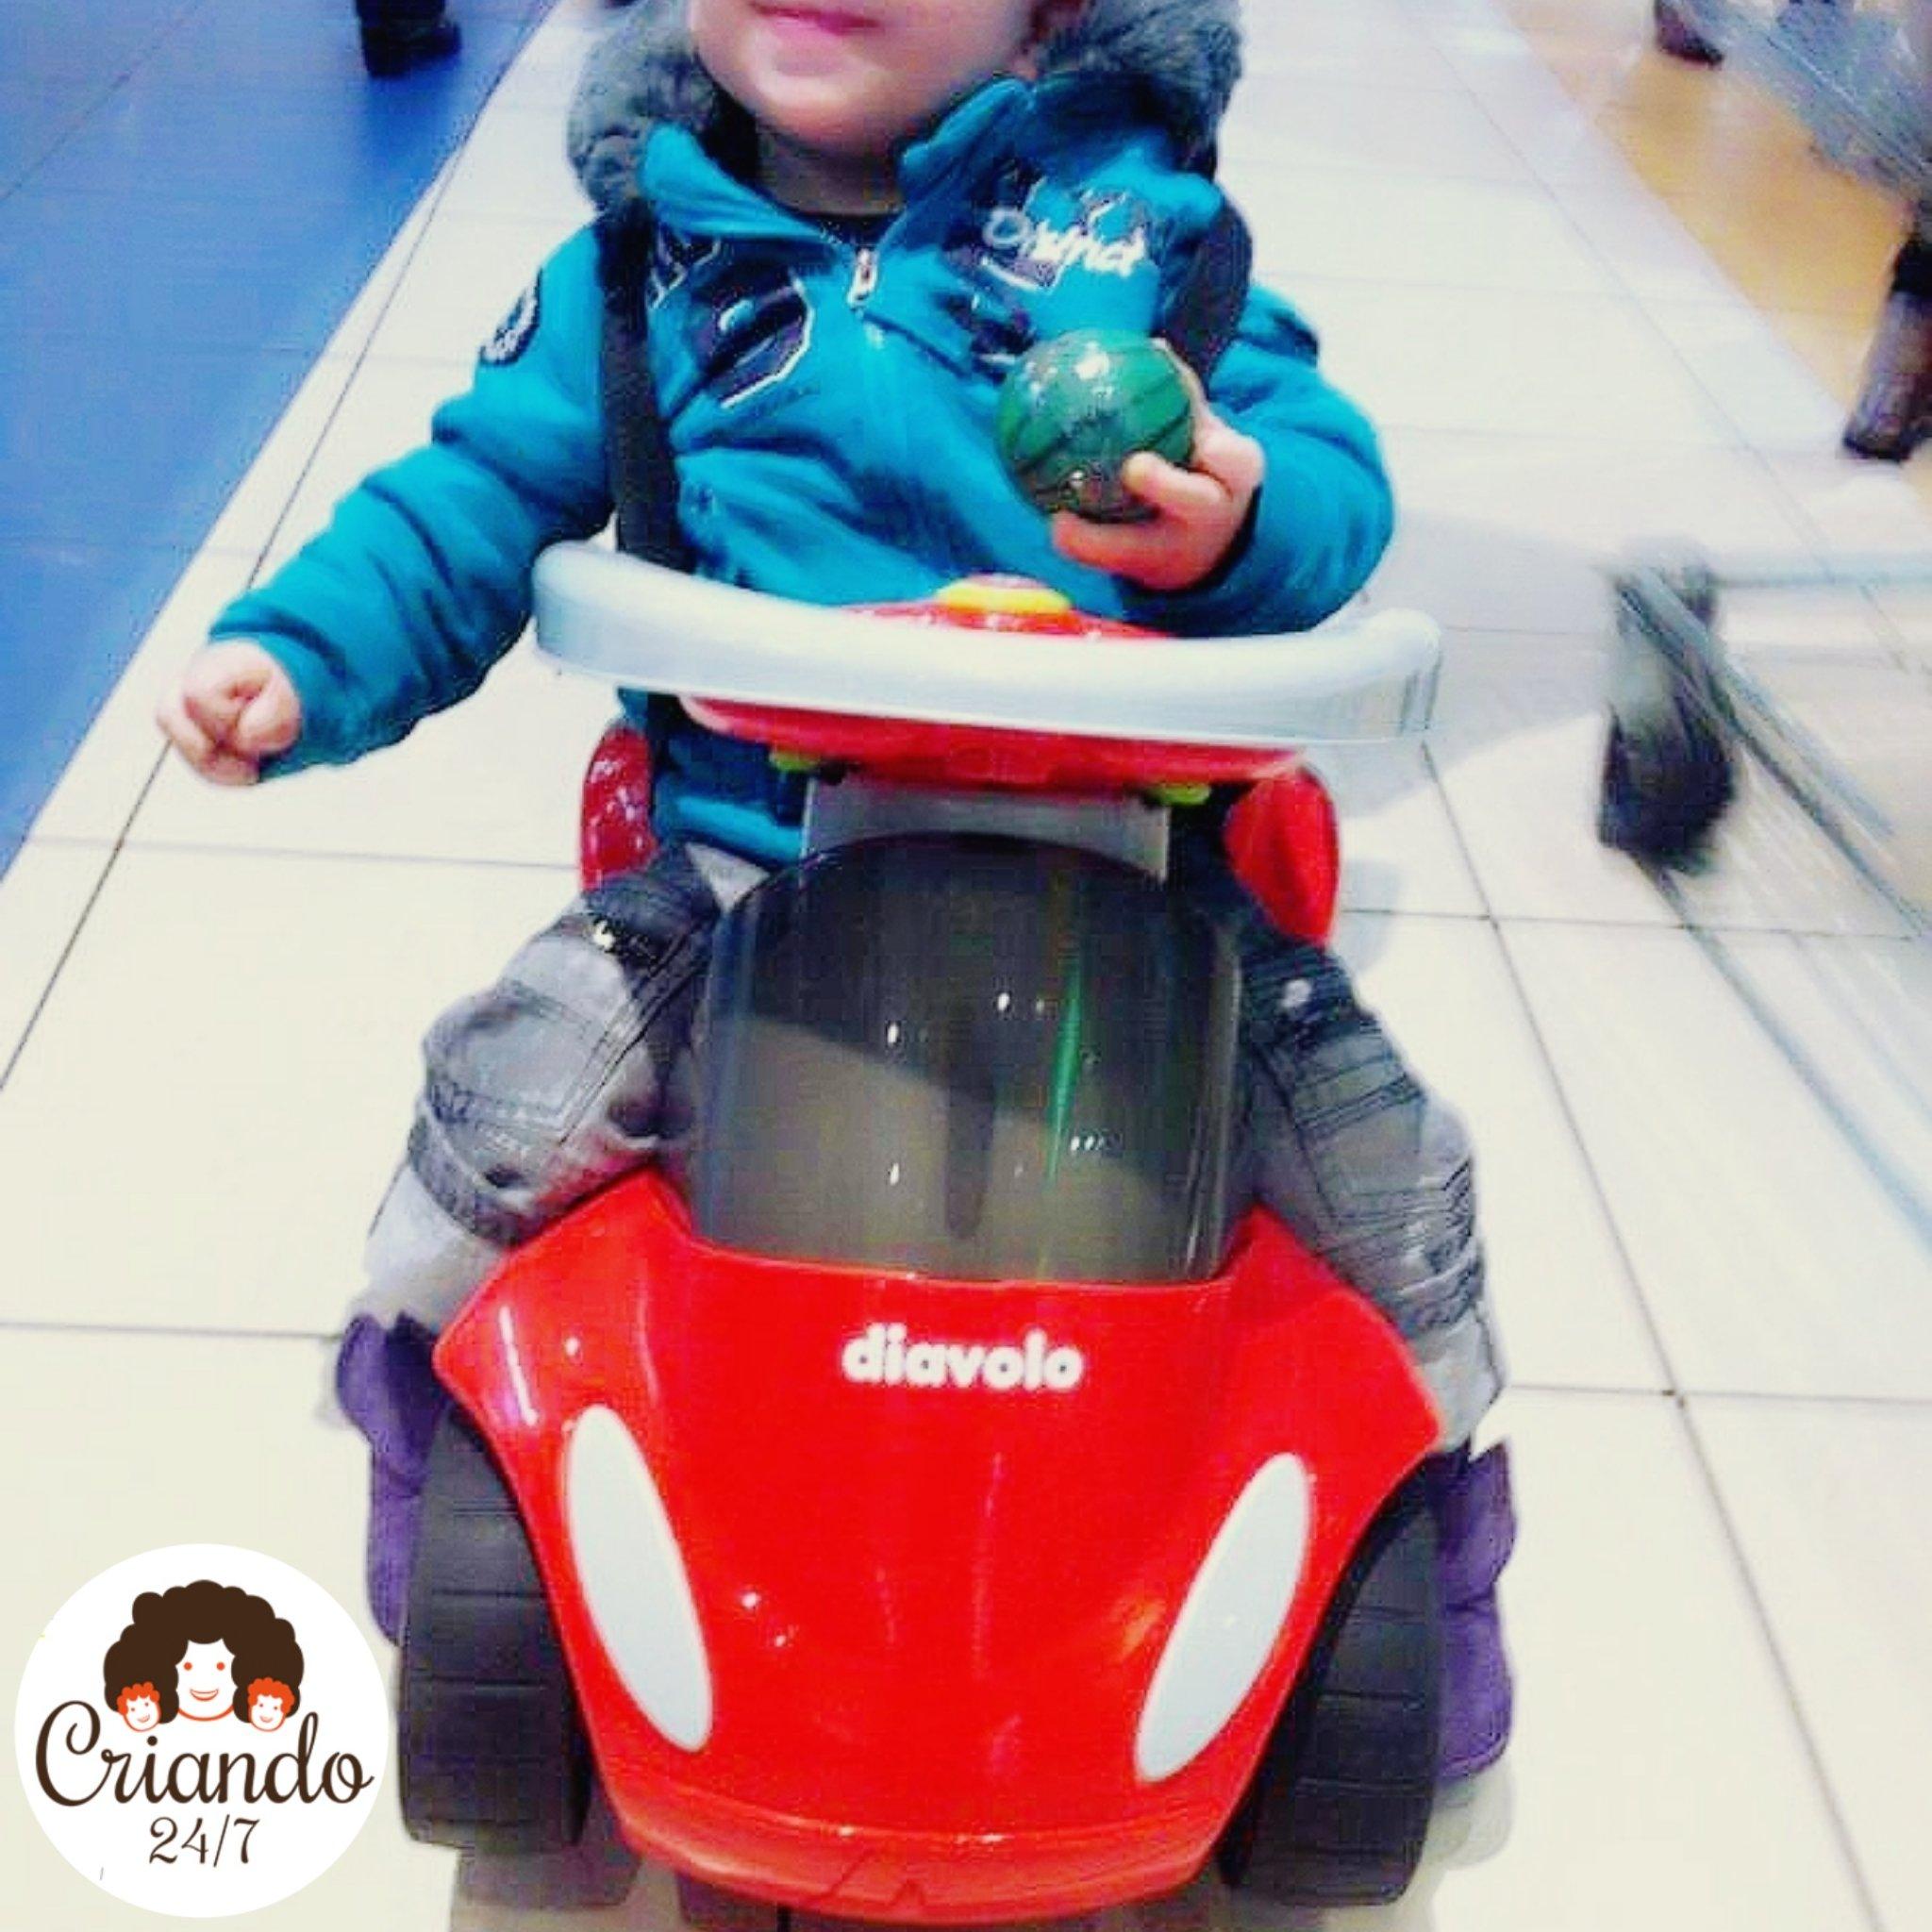 Mi hijo con 12 meses sentado en una moto correpasillos, mostrando una clara lateralidad izquierda, con la mano derecha en puño y el torso caído hacia el lado derecho.